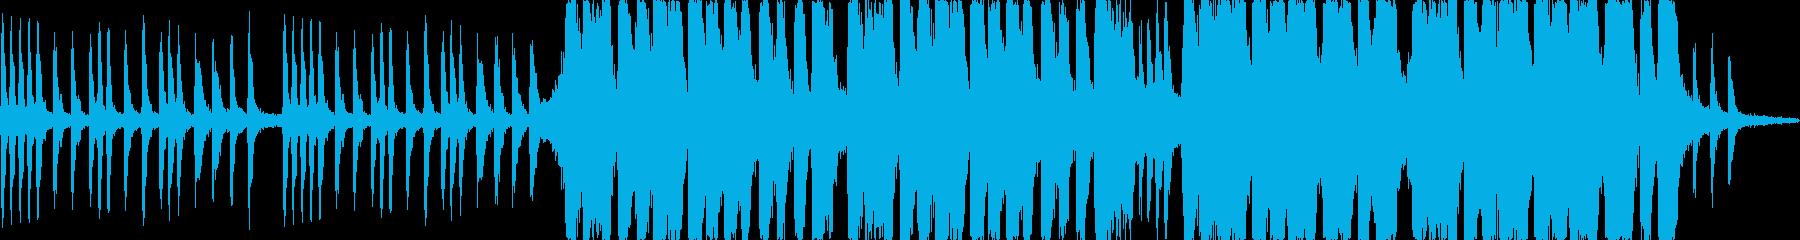 ファンタジック、お茶目な魔法使いのテーマの再生済みの波形